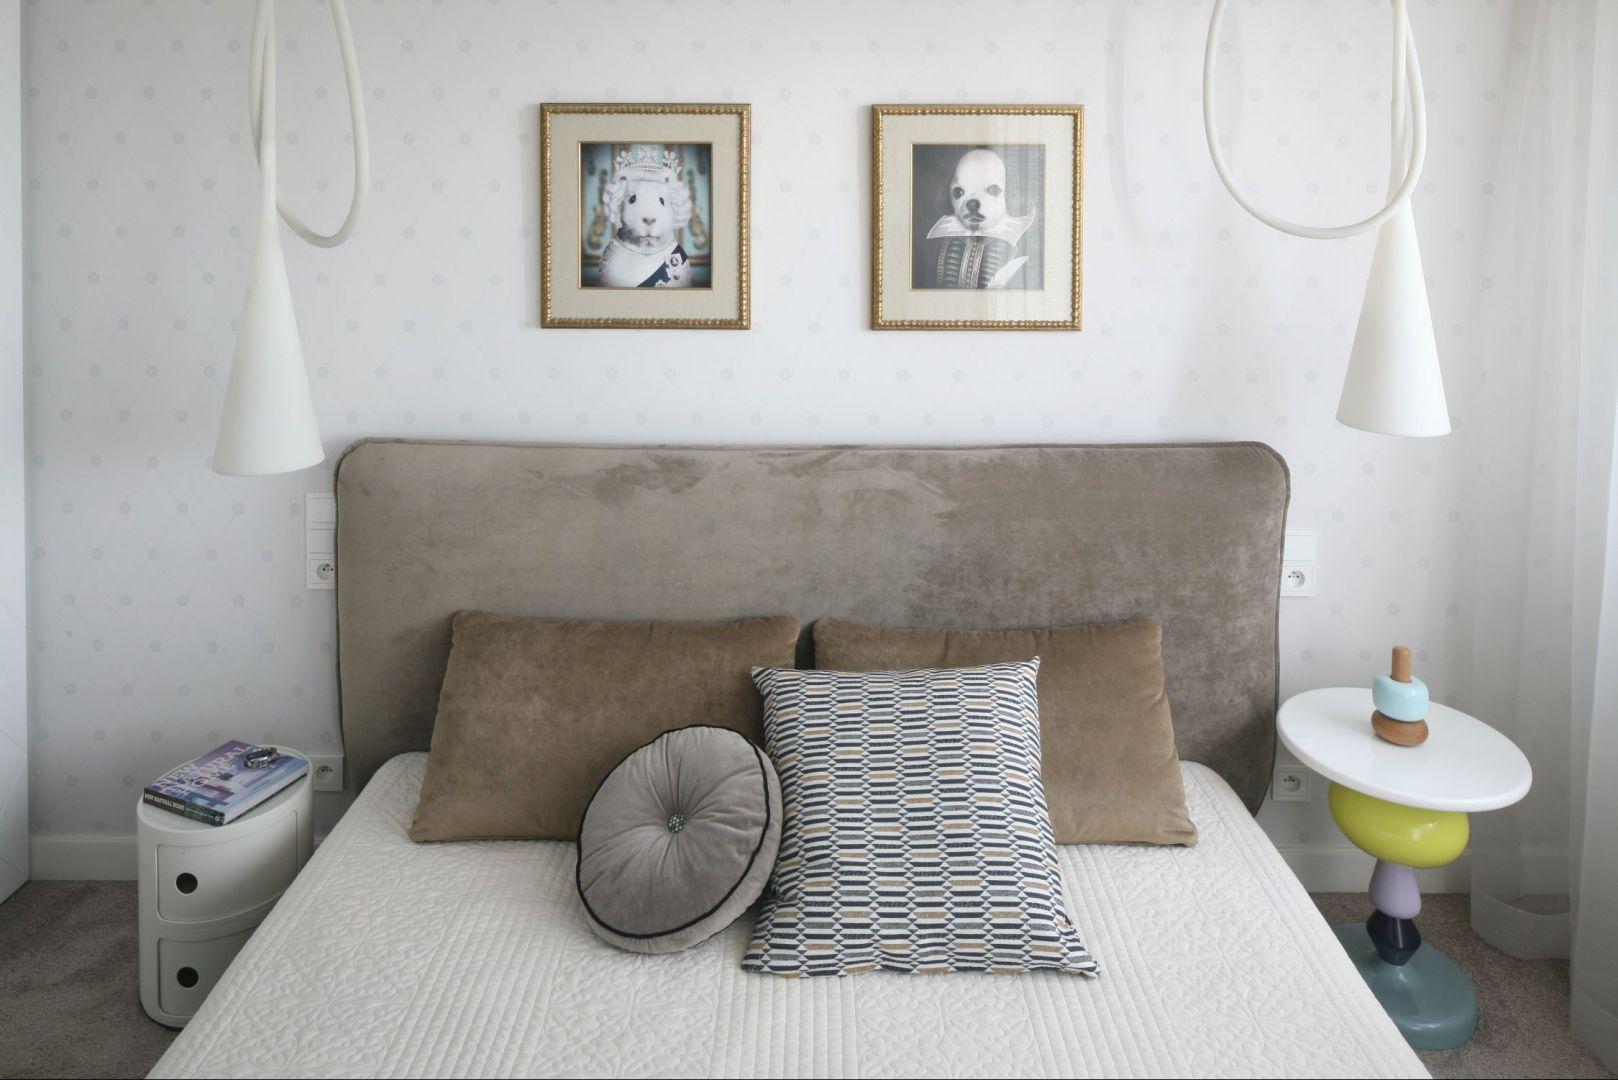 Białe, wiszące lampy,oryginalne stoliki nocne, portrety nad łóżkiem stanowią ciekawą dekorację sypialni. Fot. Bartosz Jarosz.